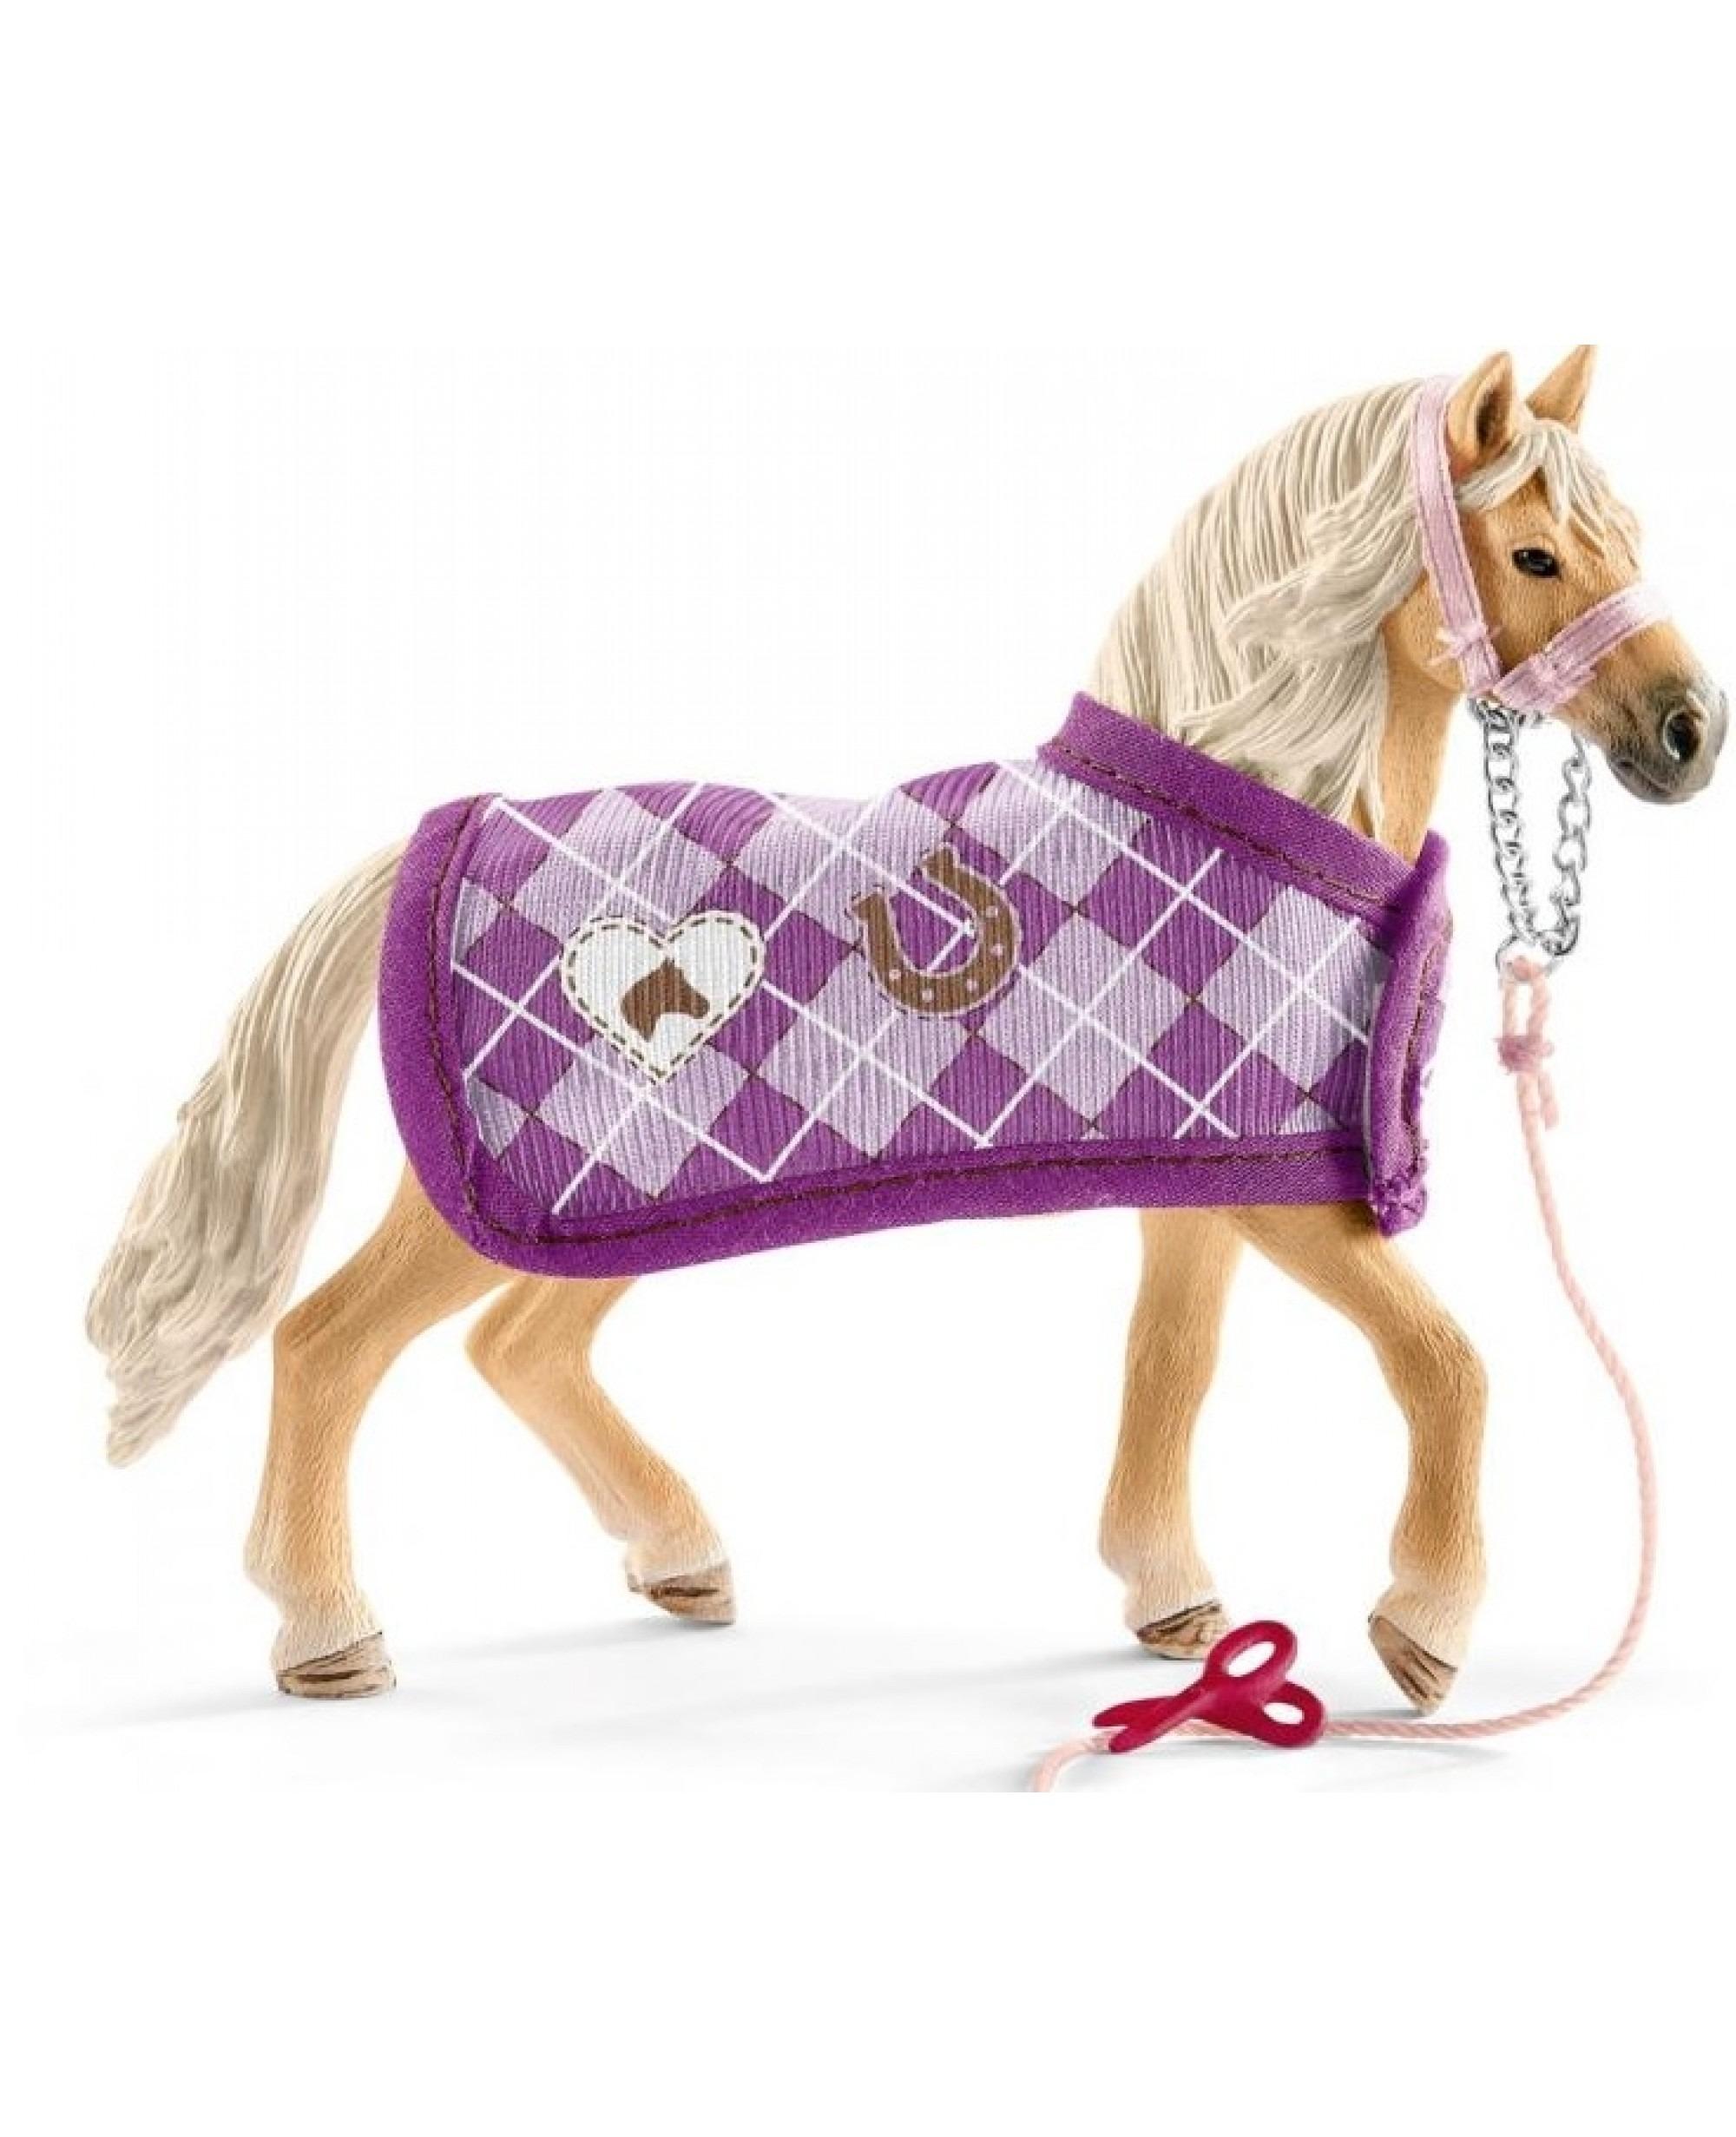 Horse Club - Sofias modedesign